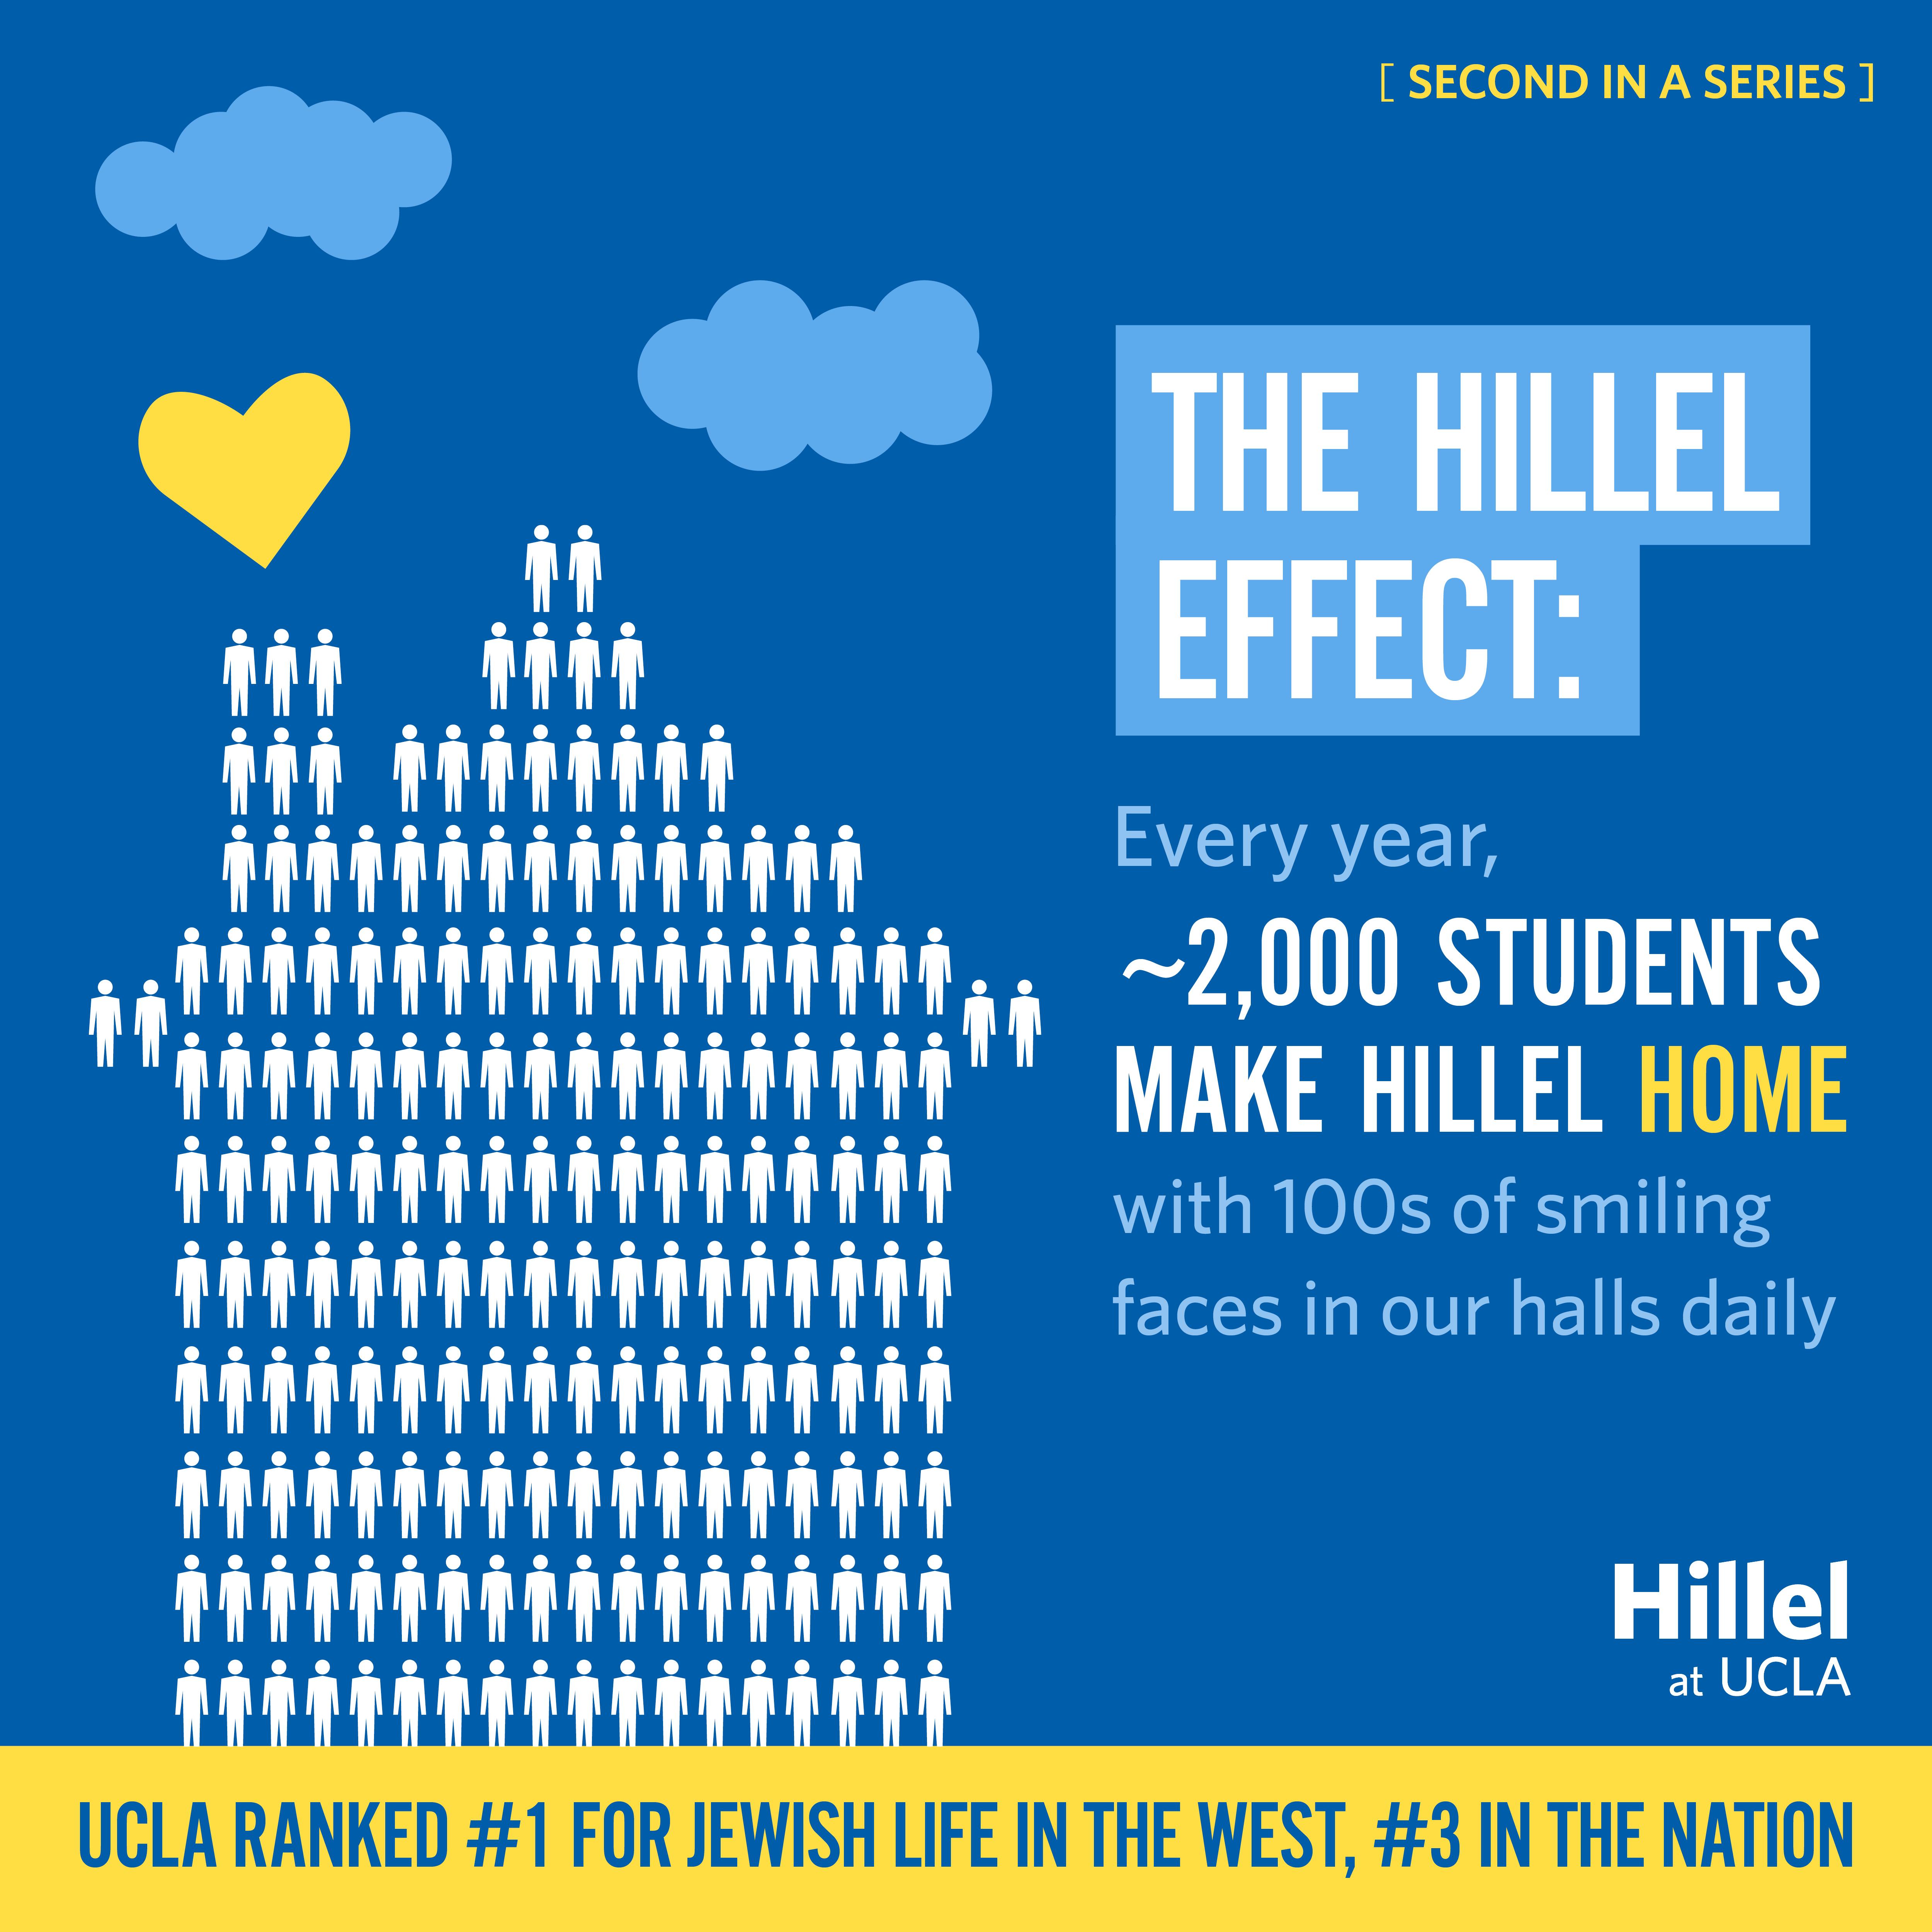 Hillel_BestinWest_Infographic2_v3a.jpg